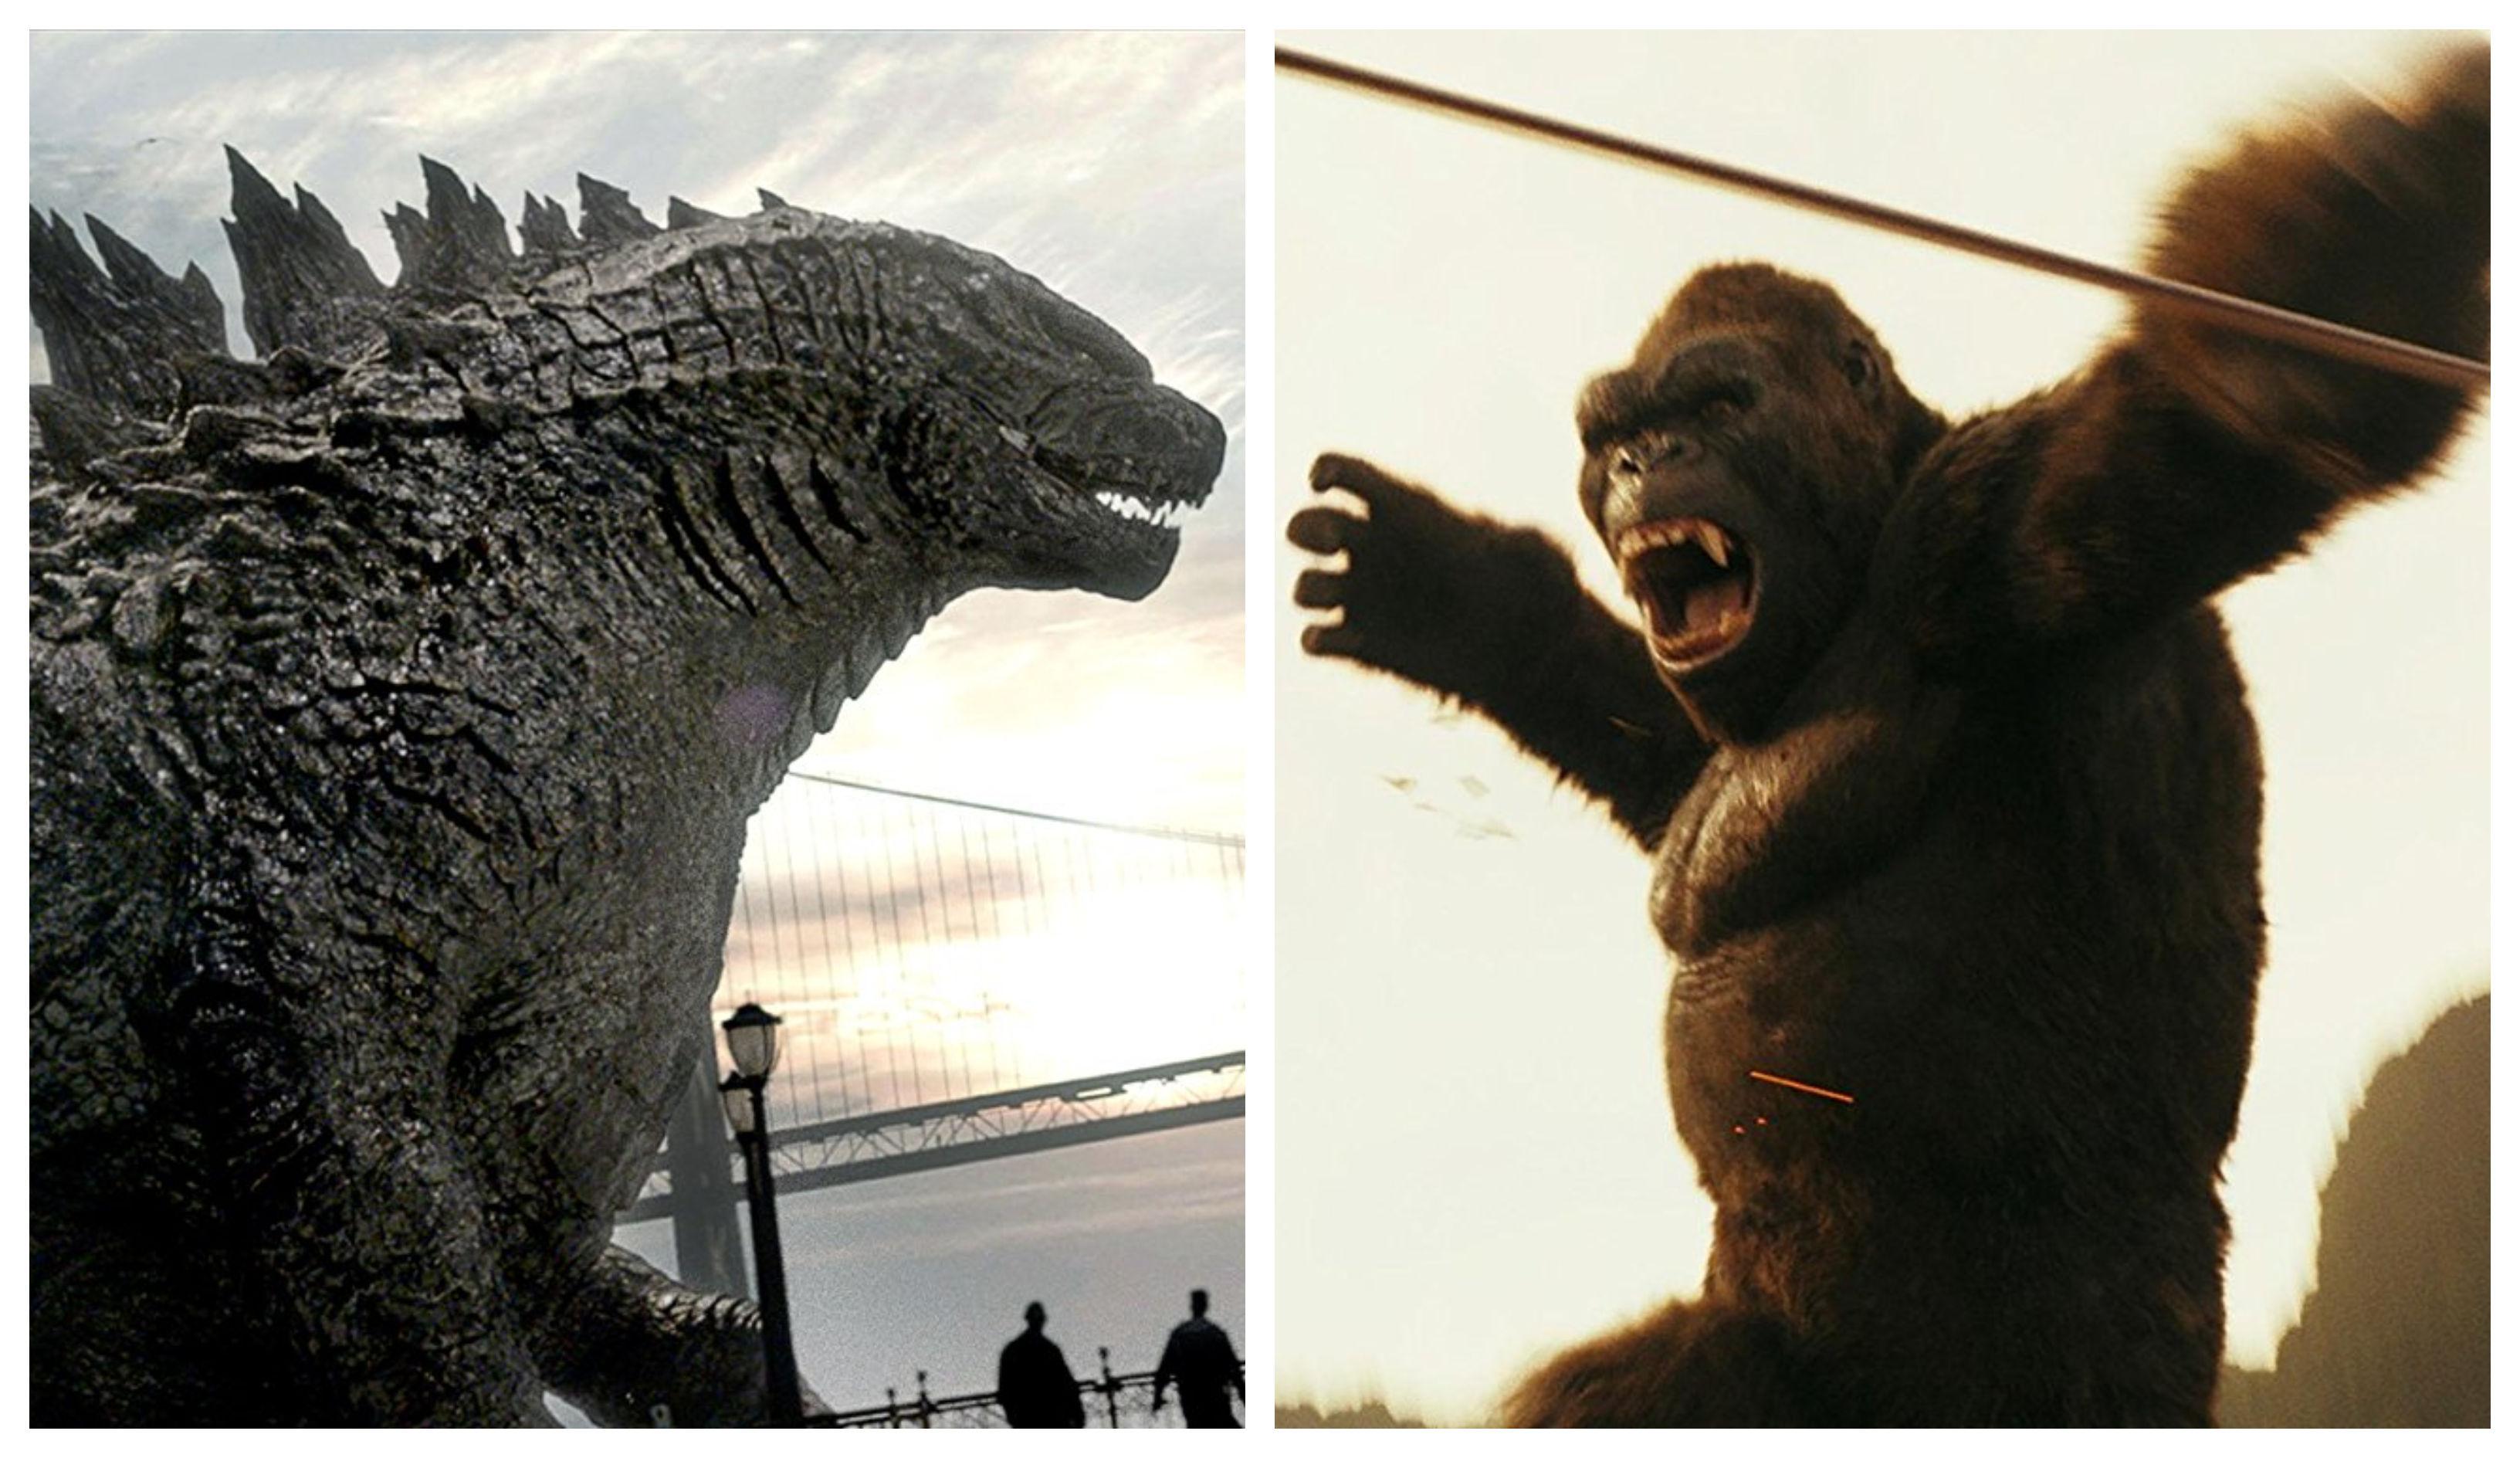 Godzilla vs Kong Synopsis